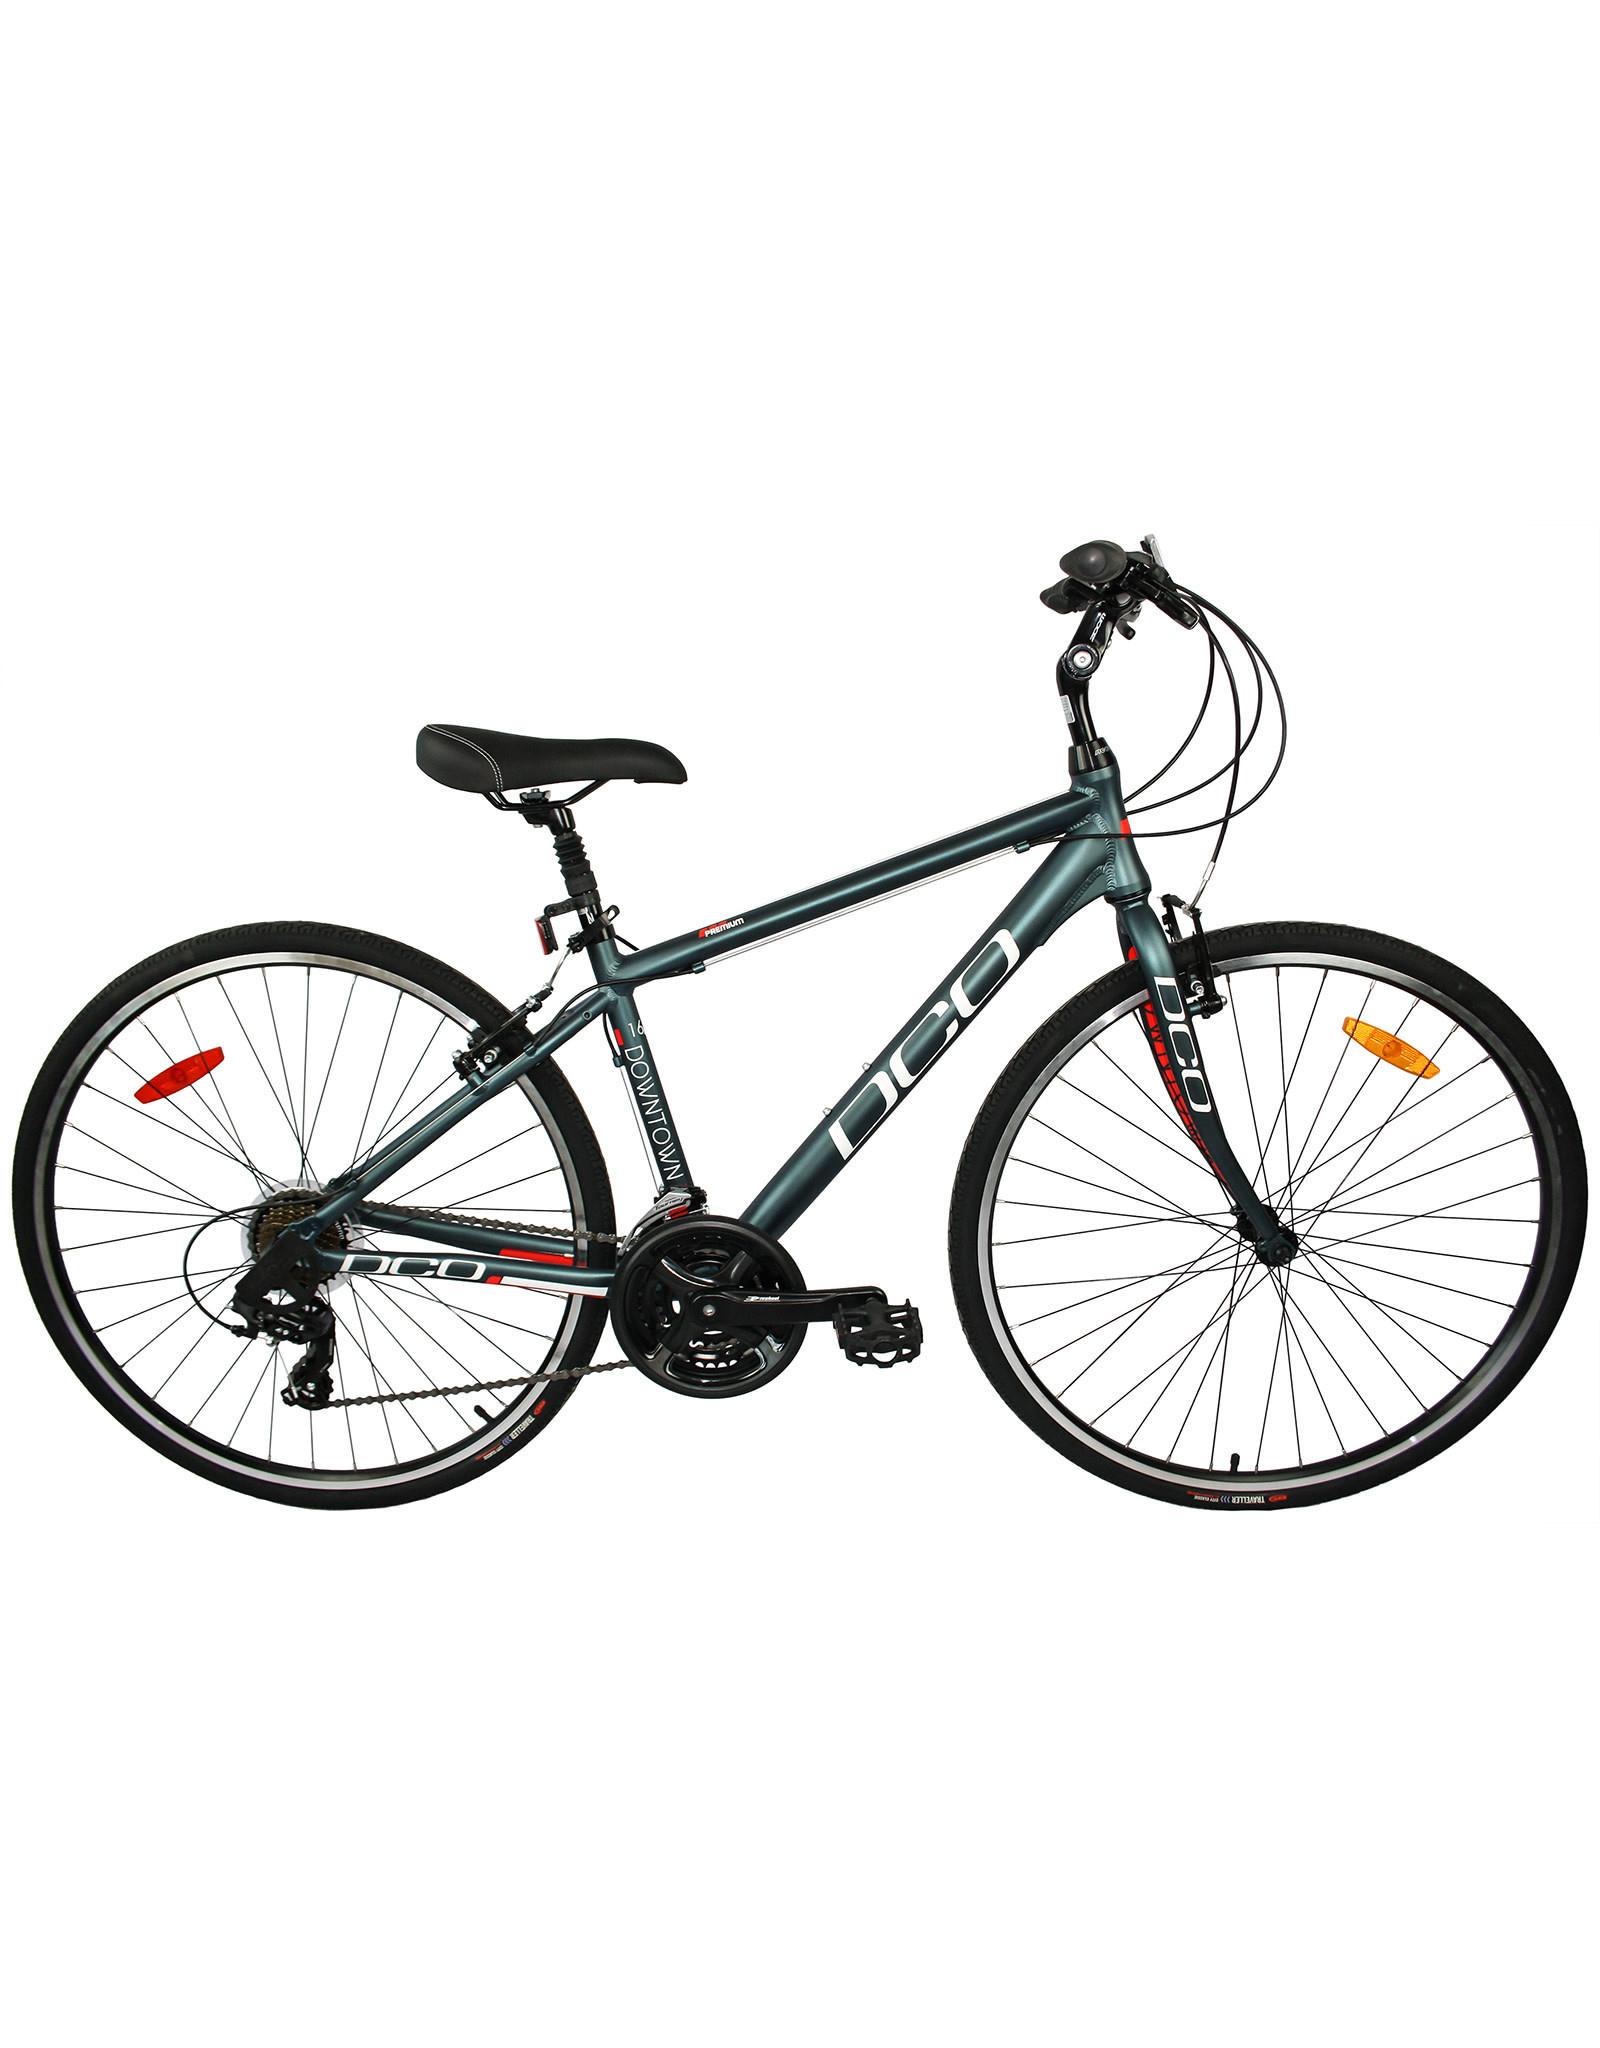 Cruiser bike men or women starting at 17,25$